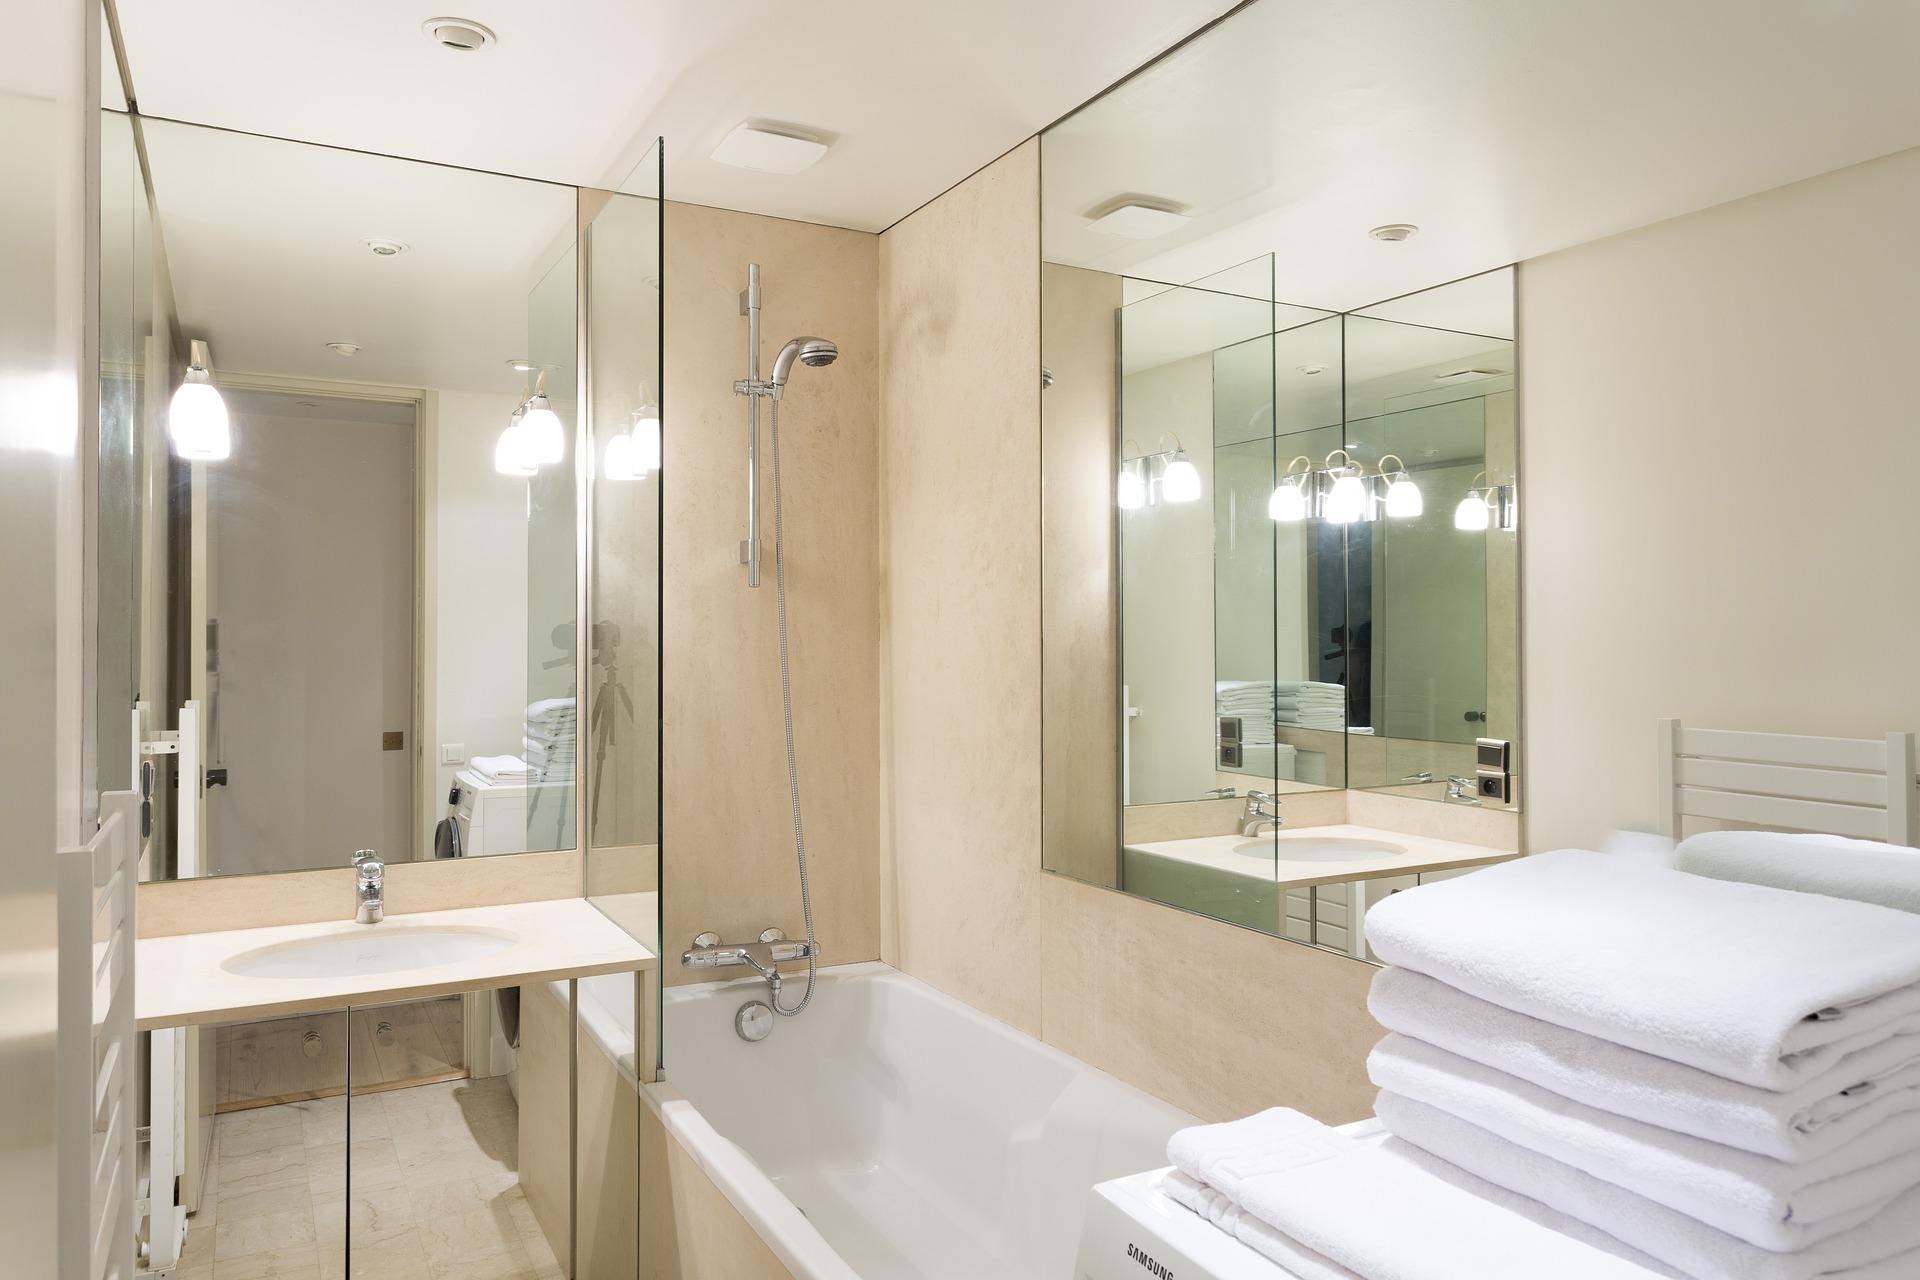 Mamparas de baño Madrid baratas